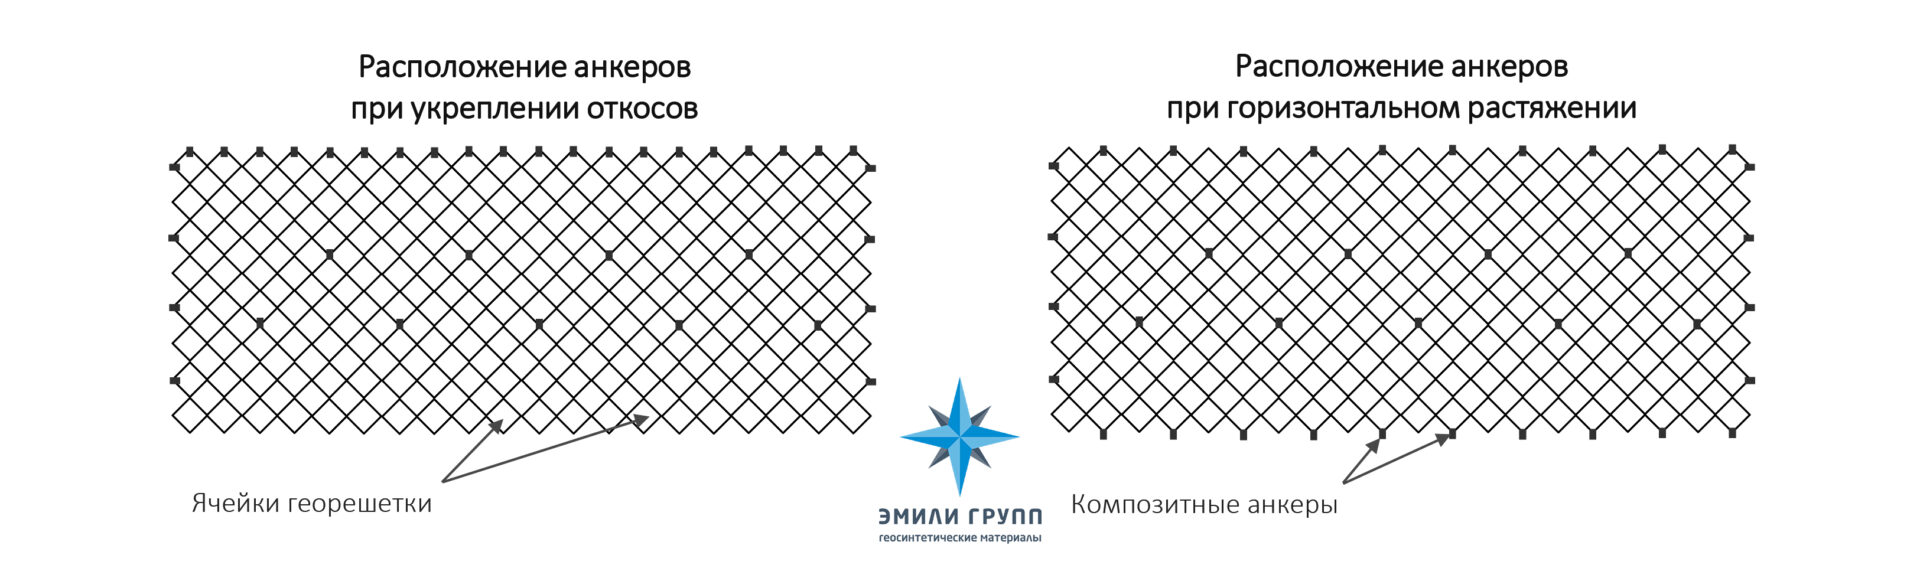 Монтаж анкеров для георешётки